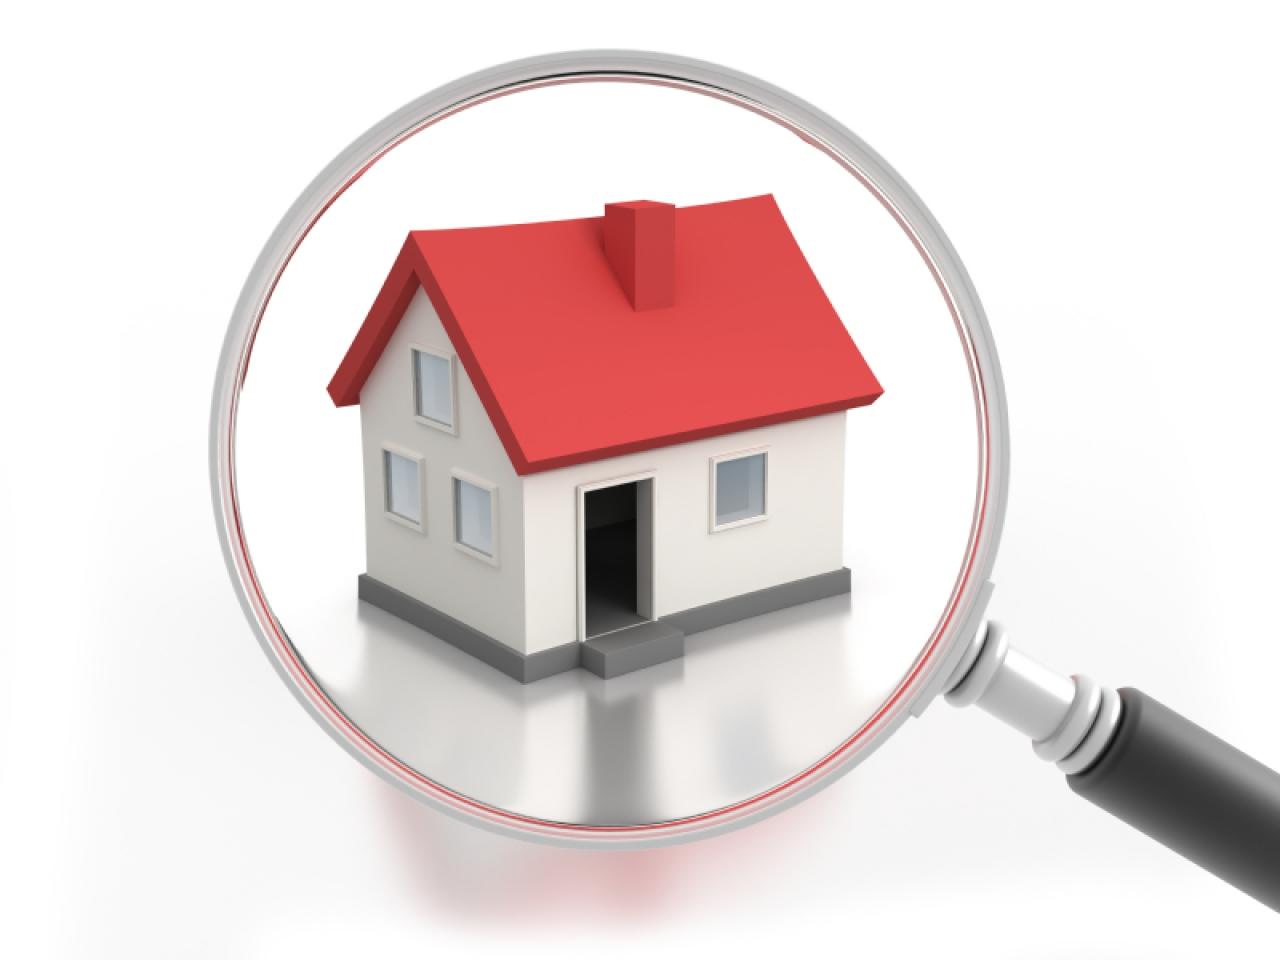 Valuing properties